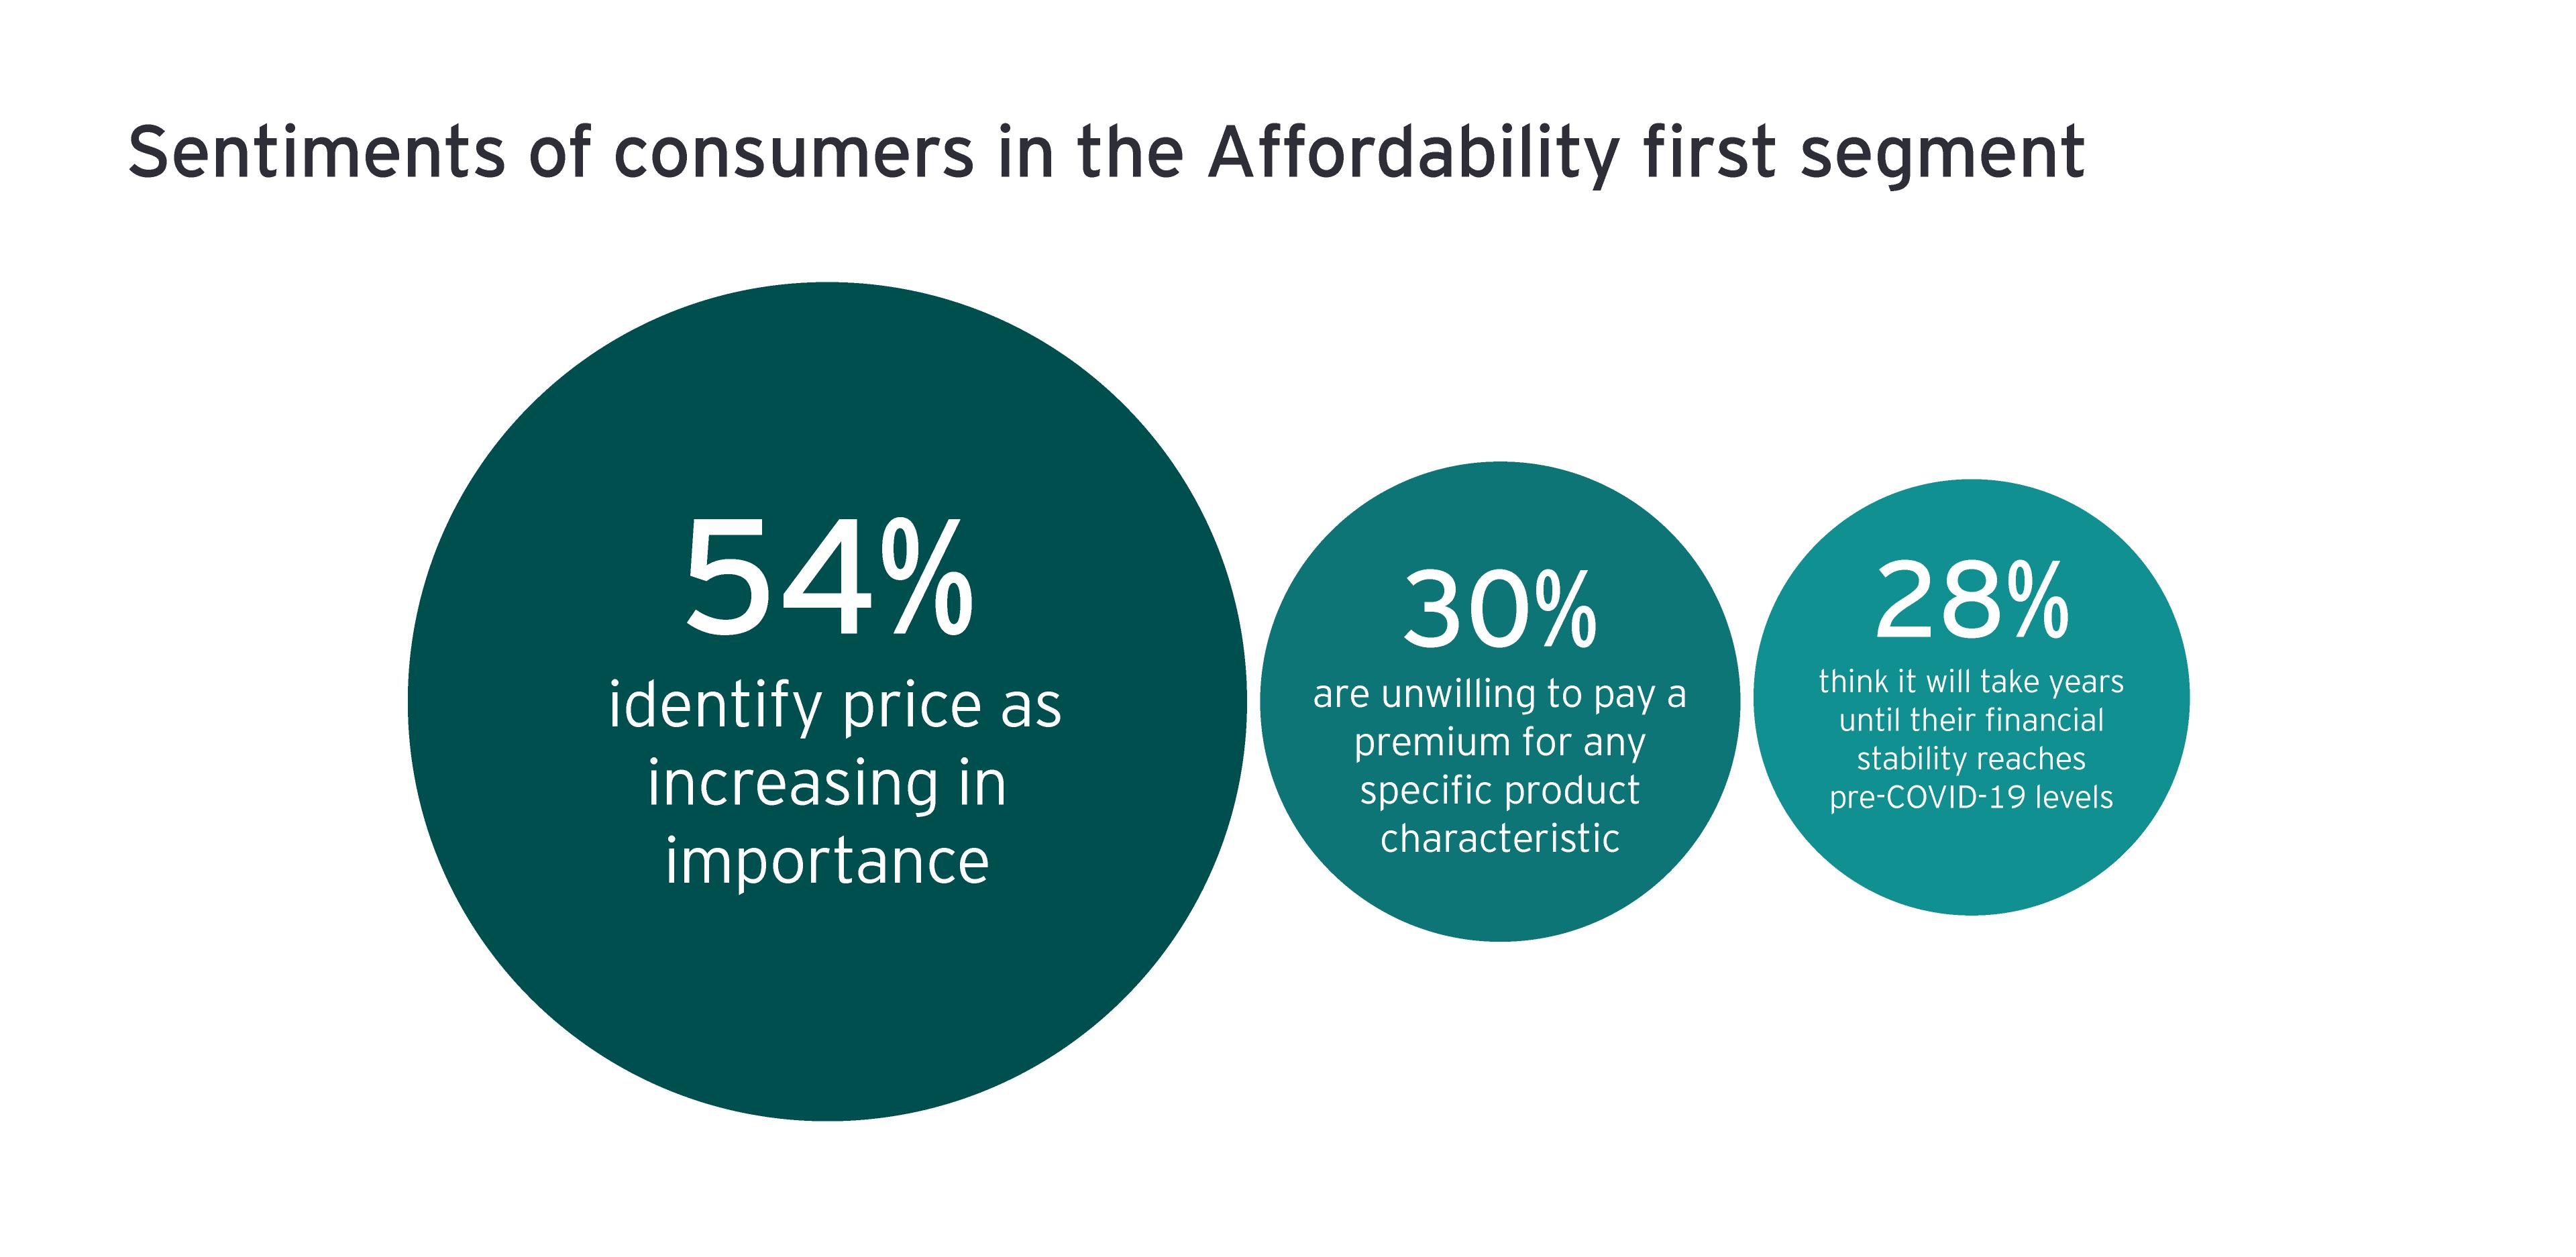 Sentimientos de los consumidores en el primer segmento de la Asequibilidad